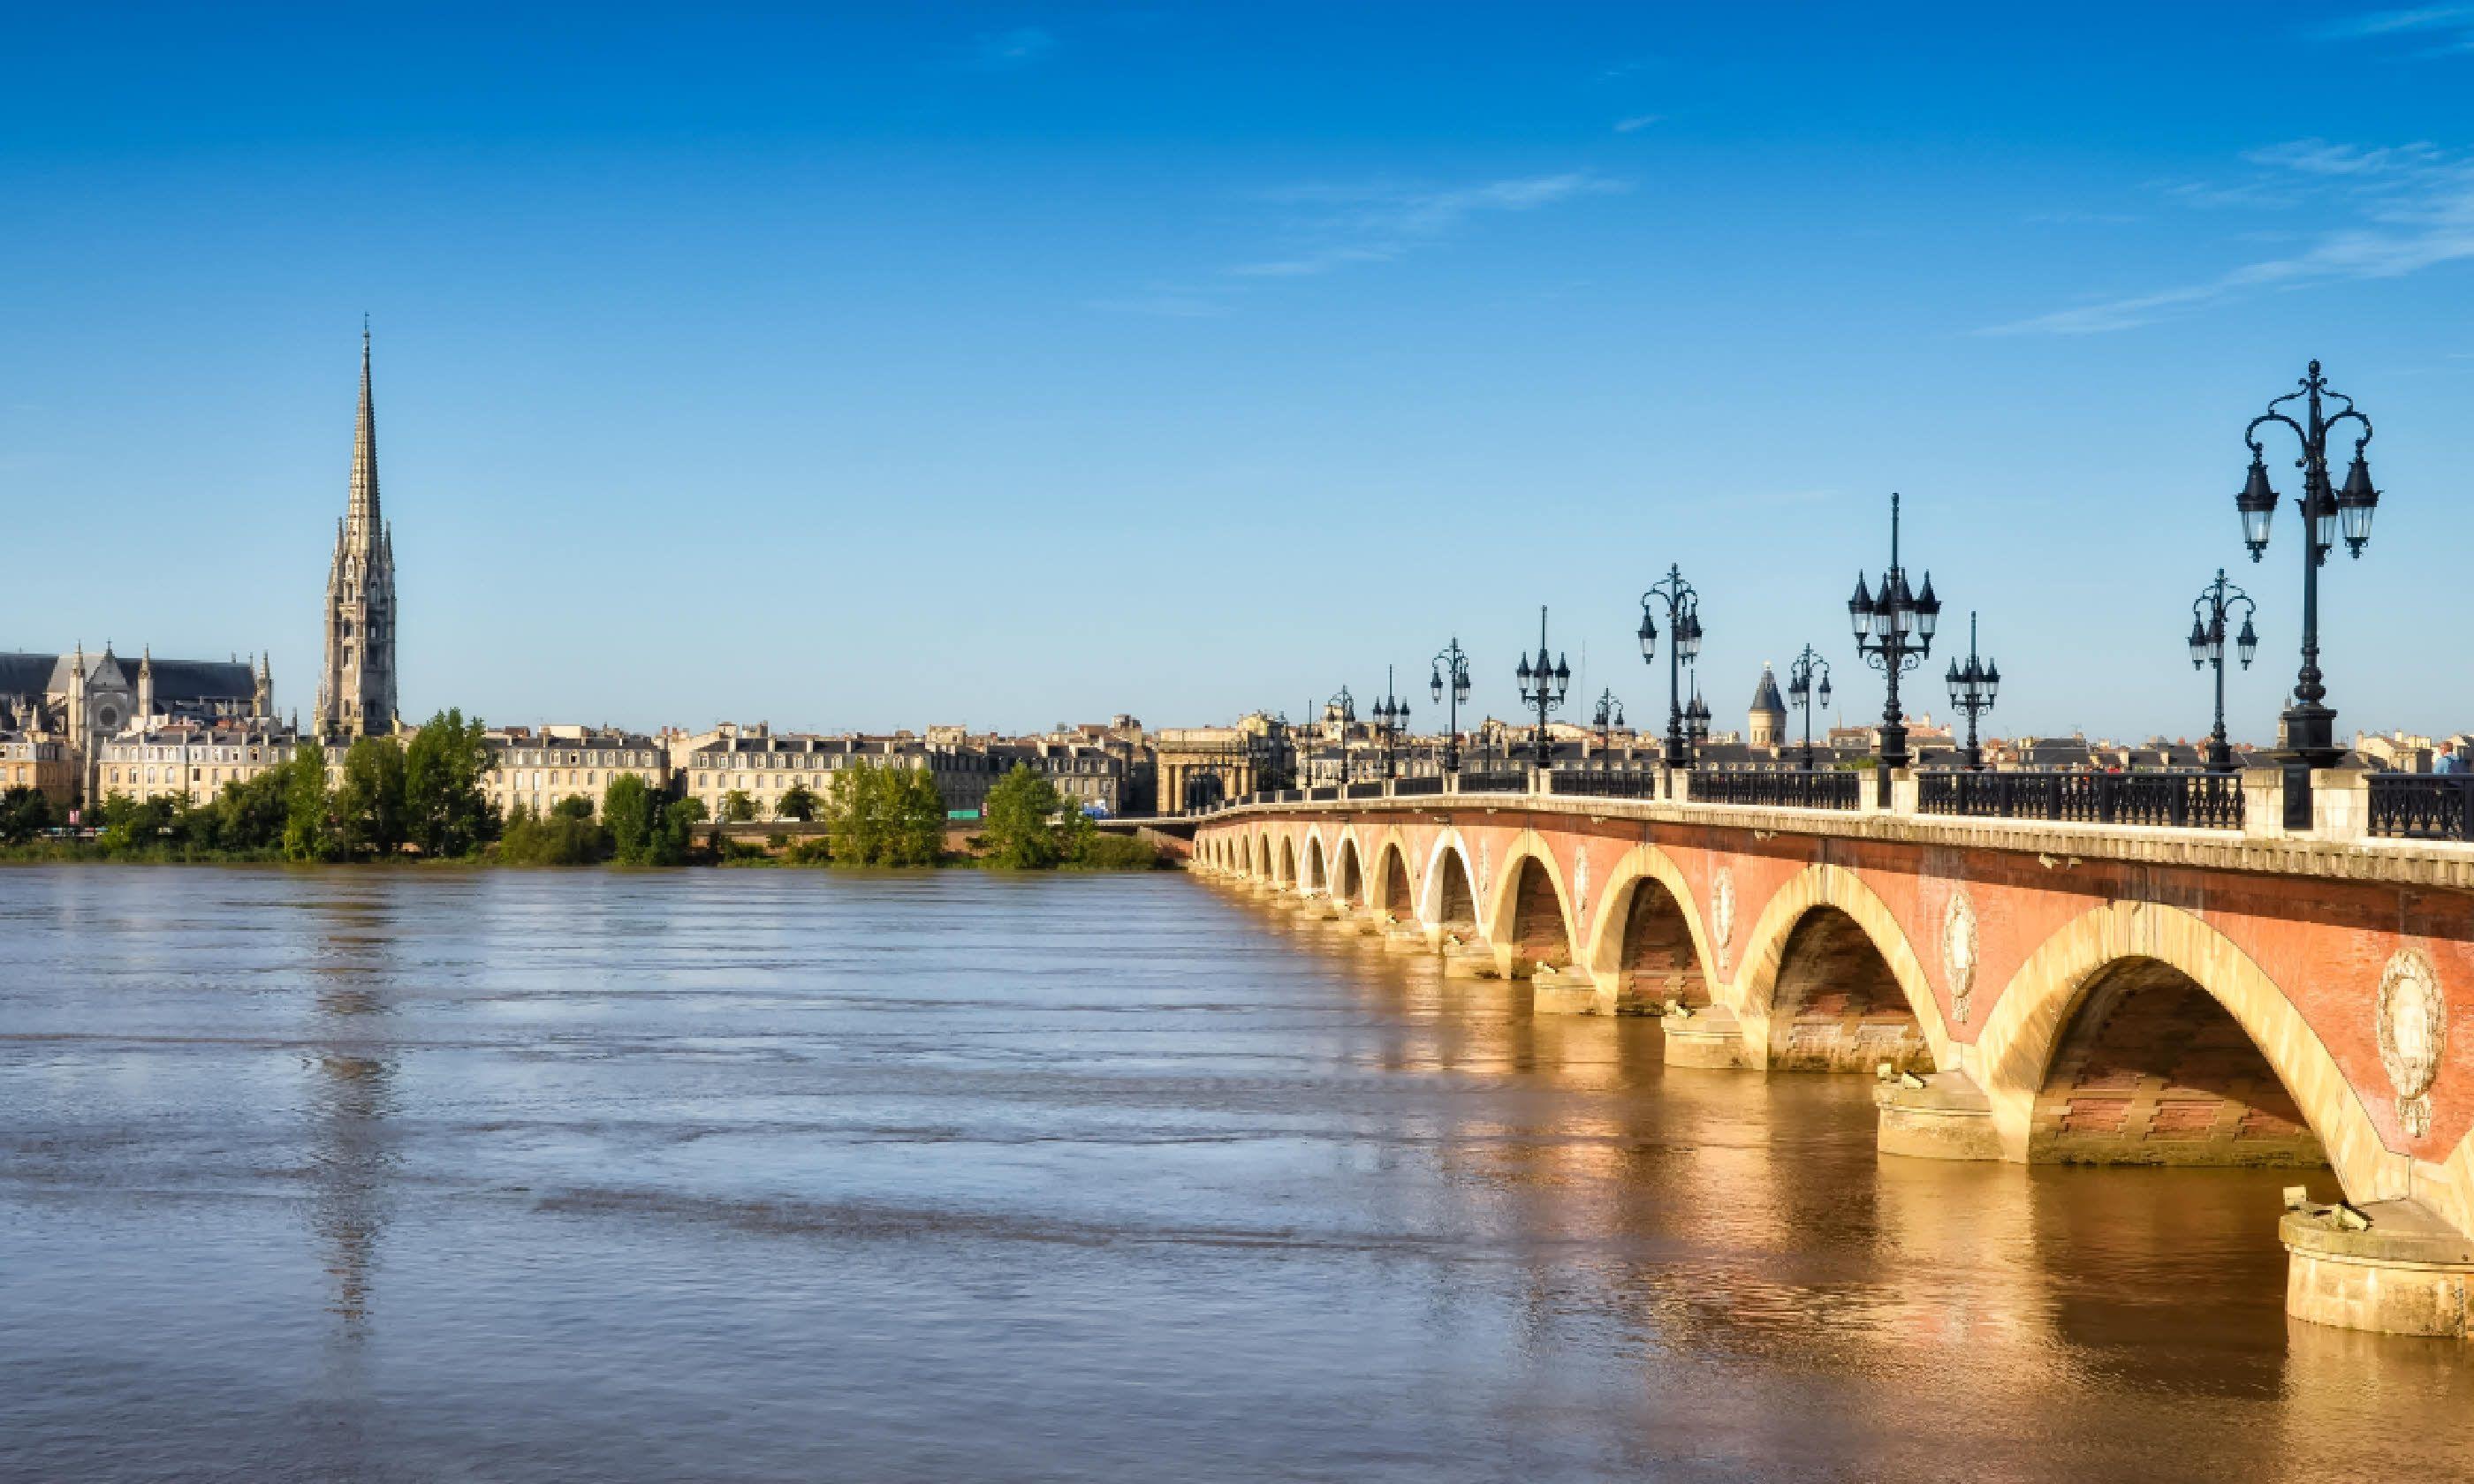 Bordeaux, France (Shutterstock)